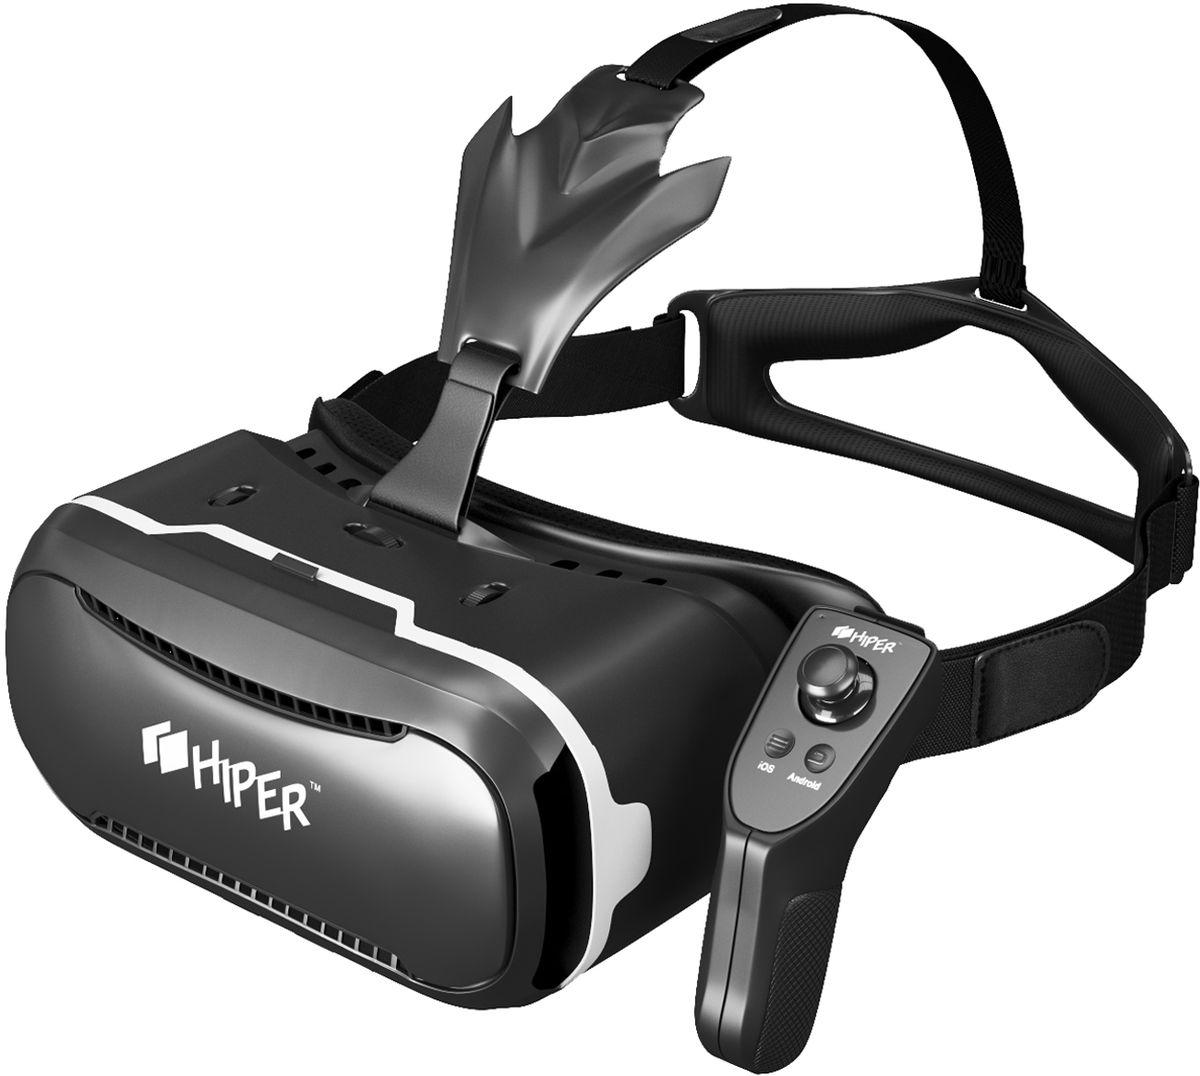 Hiper VRQ+, Black очки виртуальной реальностиVRQ+Тип линз: асферические акриловые линзы.Угол обзора: 90-110 градусов.Совместимость: смартфоны на iOS и Android с дисплеем 4,3 – 6. Регулировка фокусного расстояния. Регулировка межфокусного расстояния. Диаметр линзы: 42 мм. Габаритные размеры: 202 х 140 х 100 мм.Вес: 380 г. Комплектация: VR очки, джойстик, микрофибра.